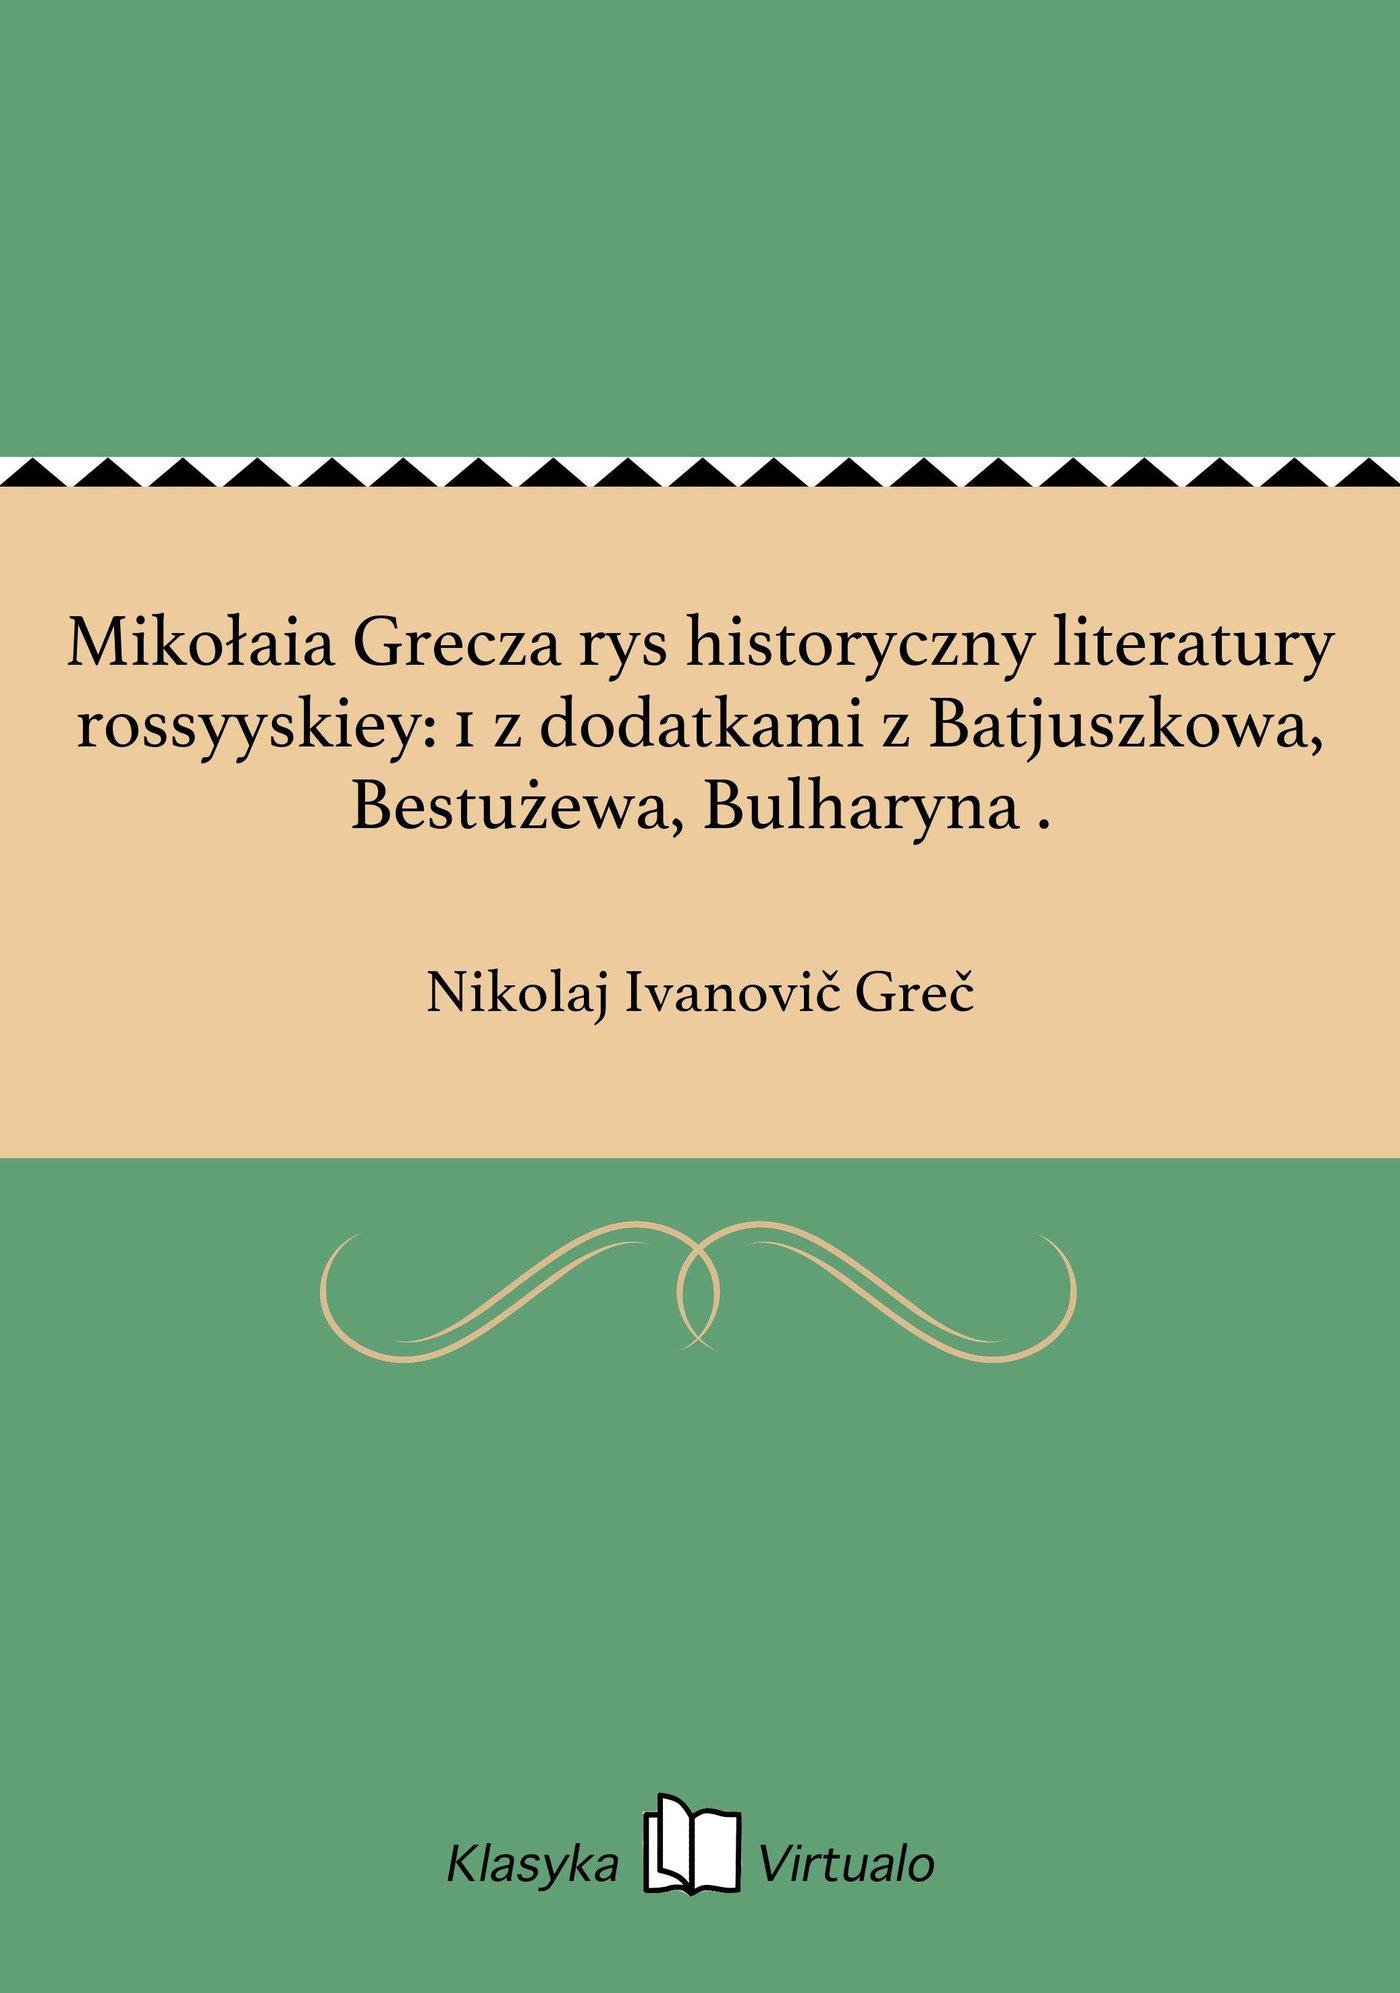 Mikołaia Grecza rys historyczny literatury rossyyskiey: 1 z dodatkami z Batjuszkowa, Bestużewa, Bulharyna . - Ebook (Książka EPUB) do pobrania w formacie EPUB